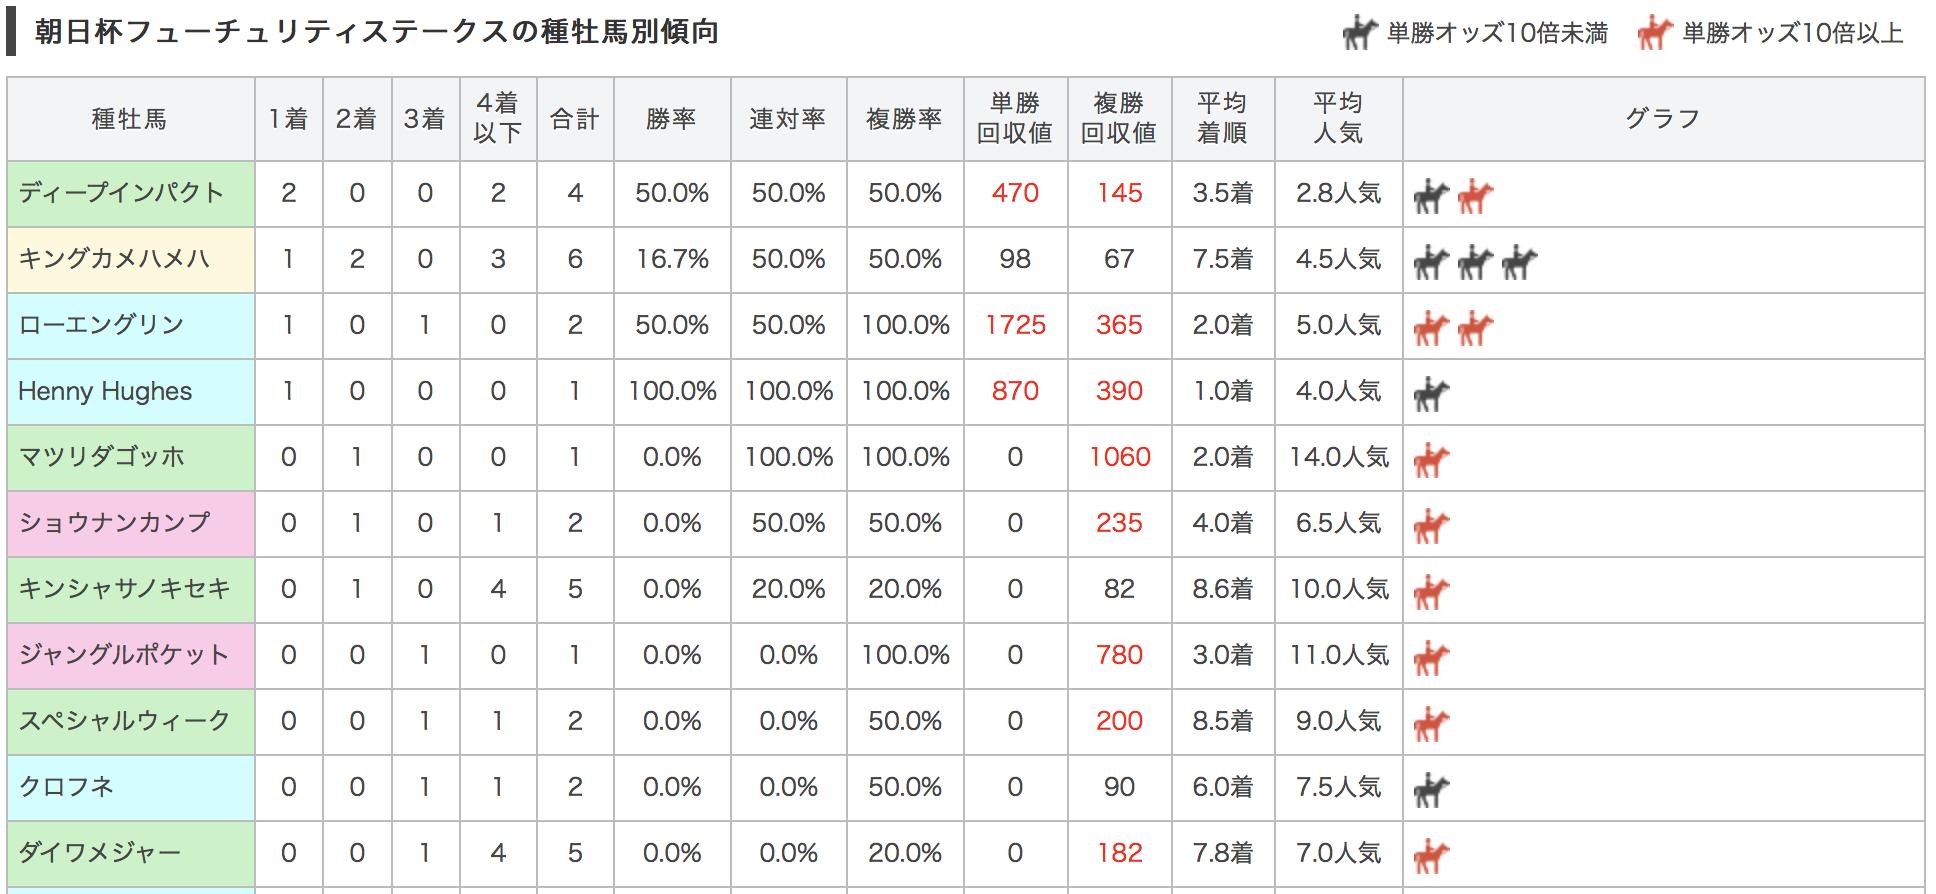 朝日杯フューチュリティステークス2017種牡馬別データ